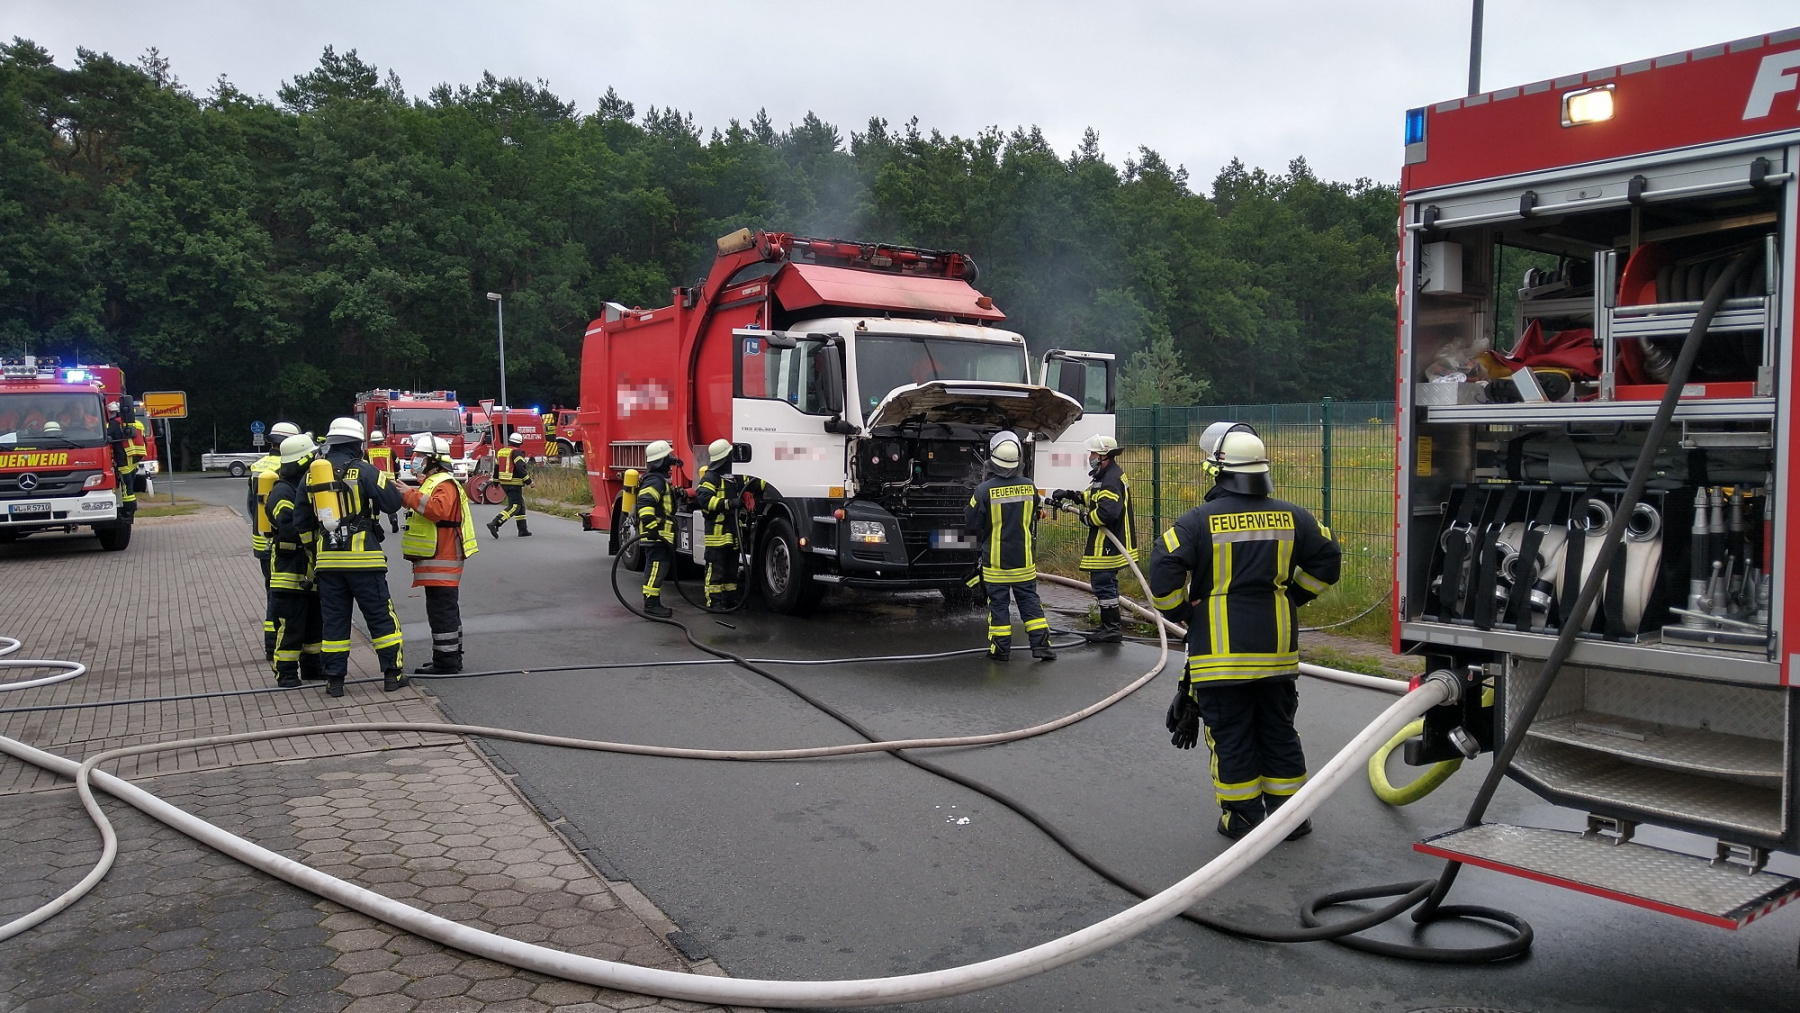 2020_07_20-FK2-Hanstedt-Bild-1